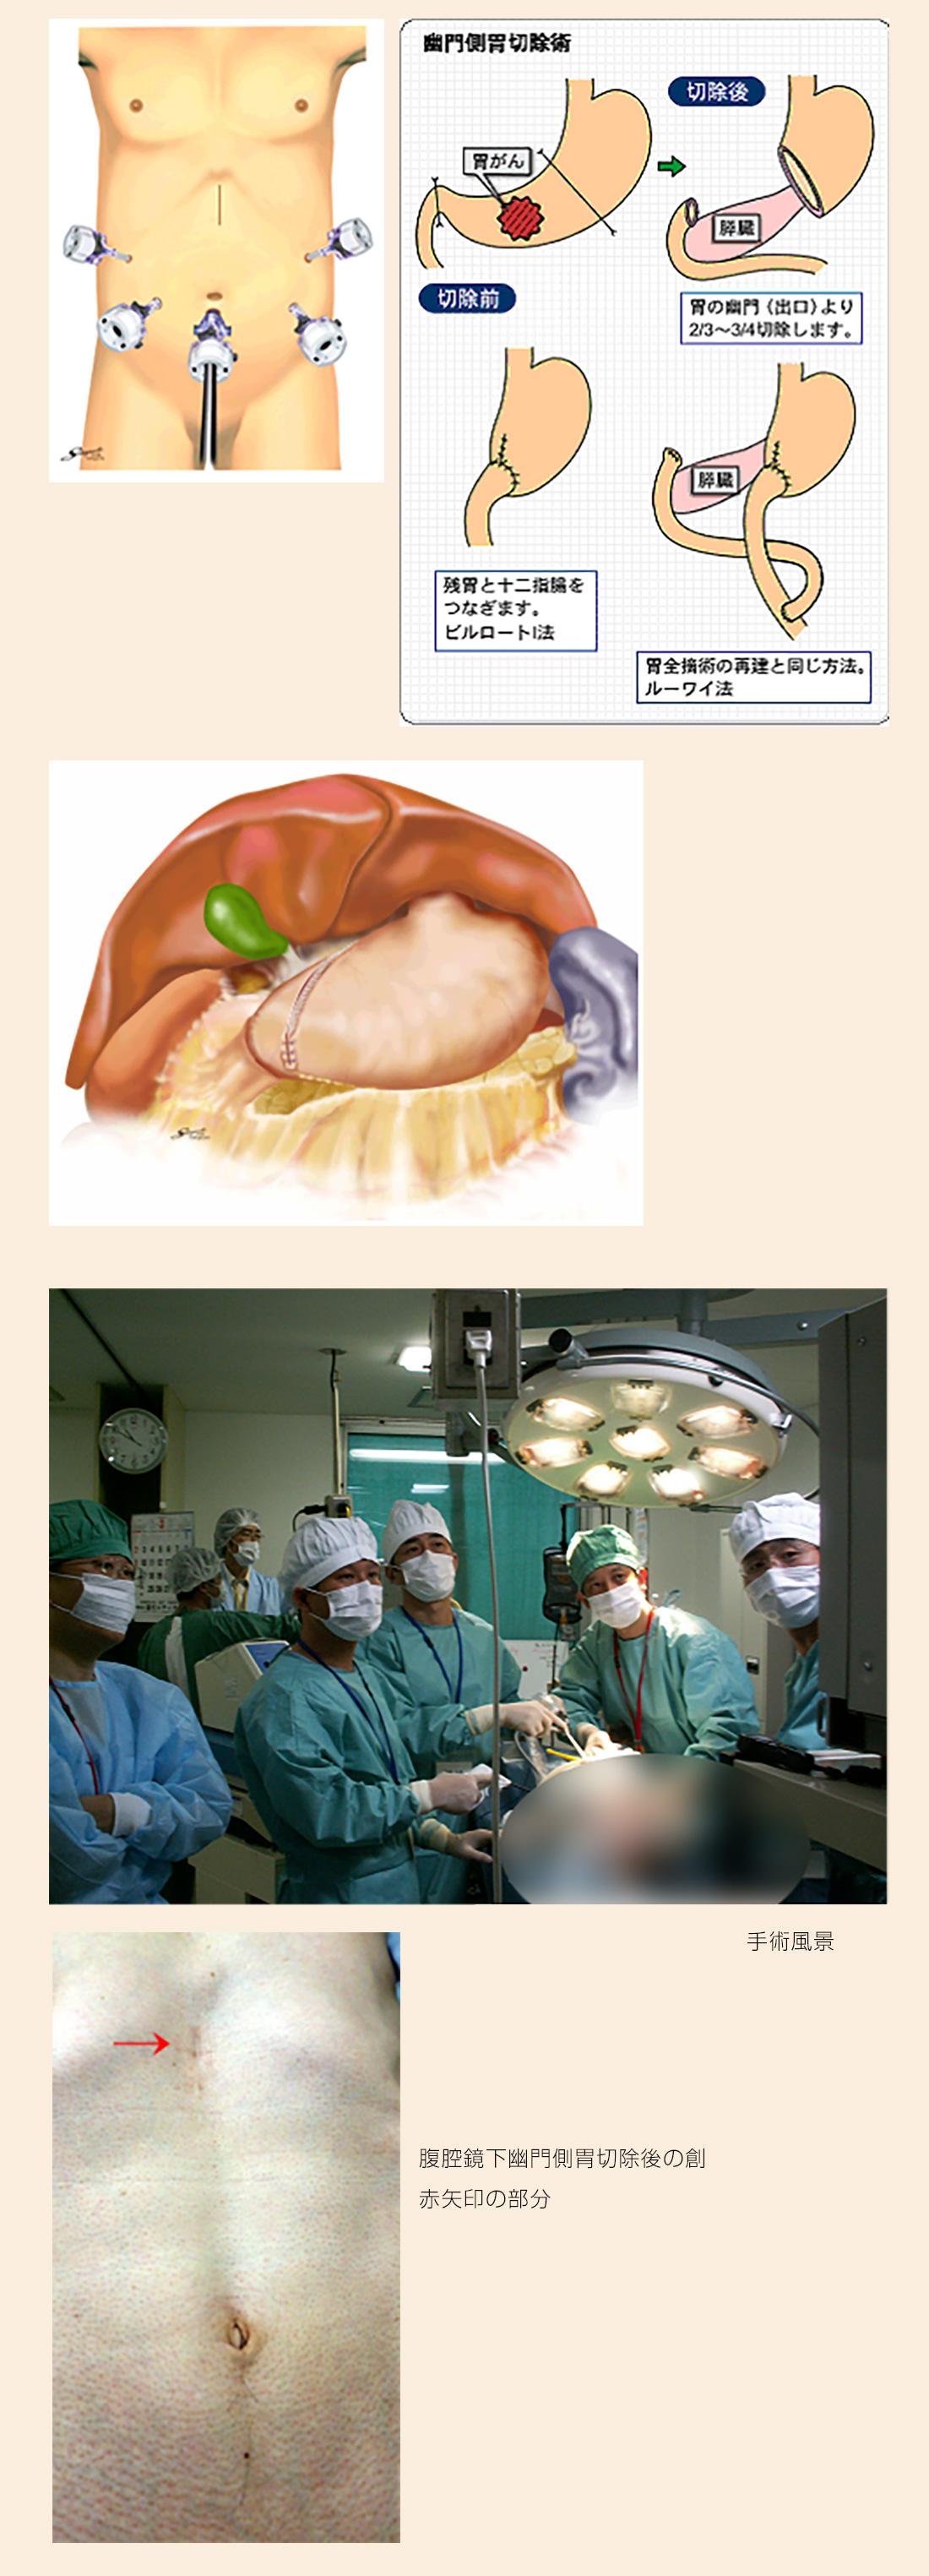 腹腔鏡下幽門側胃切除術